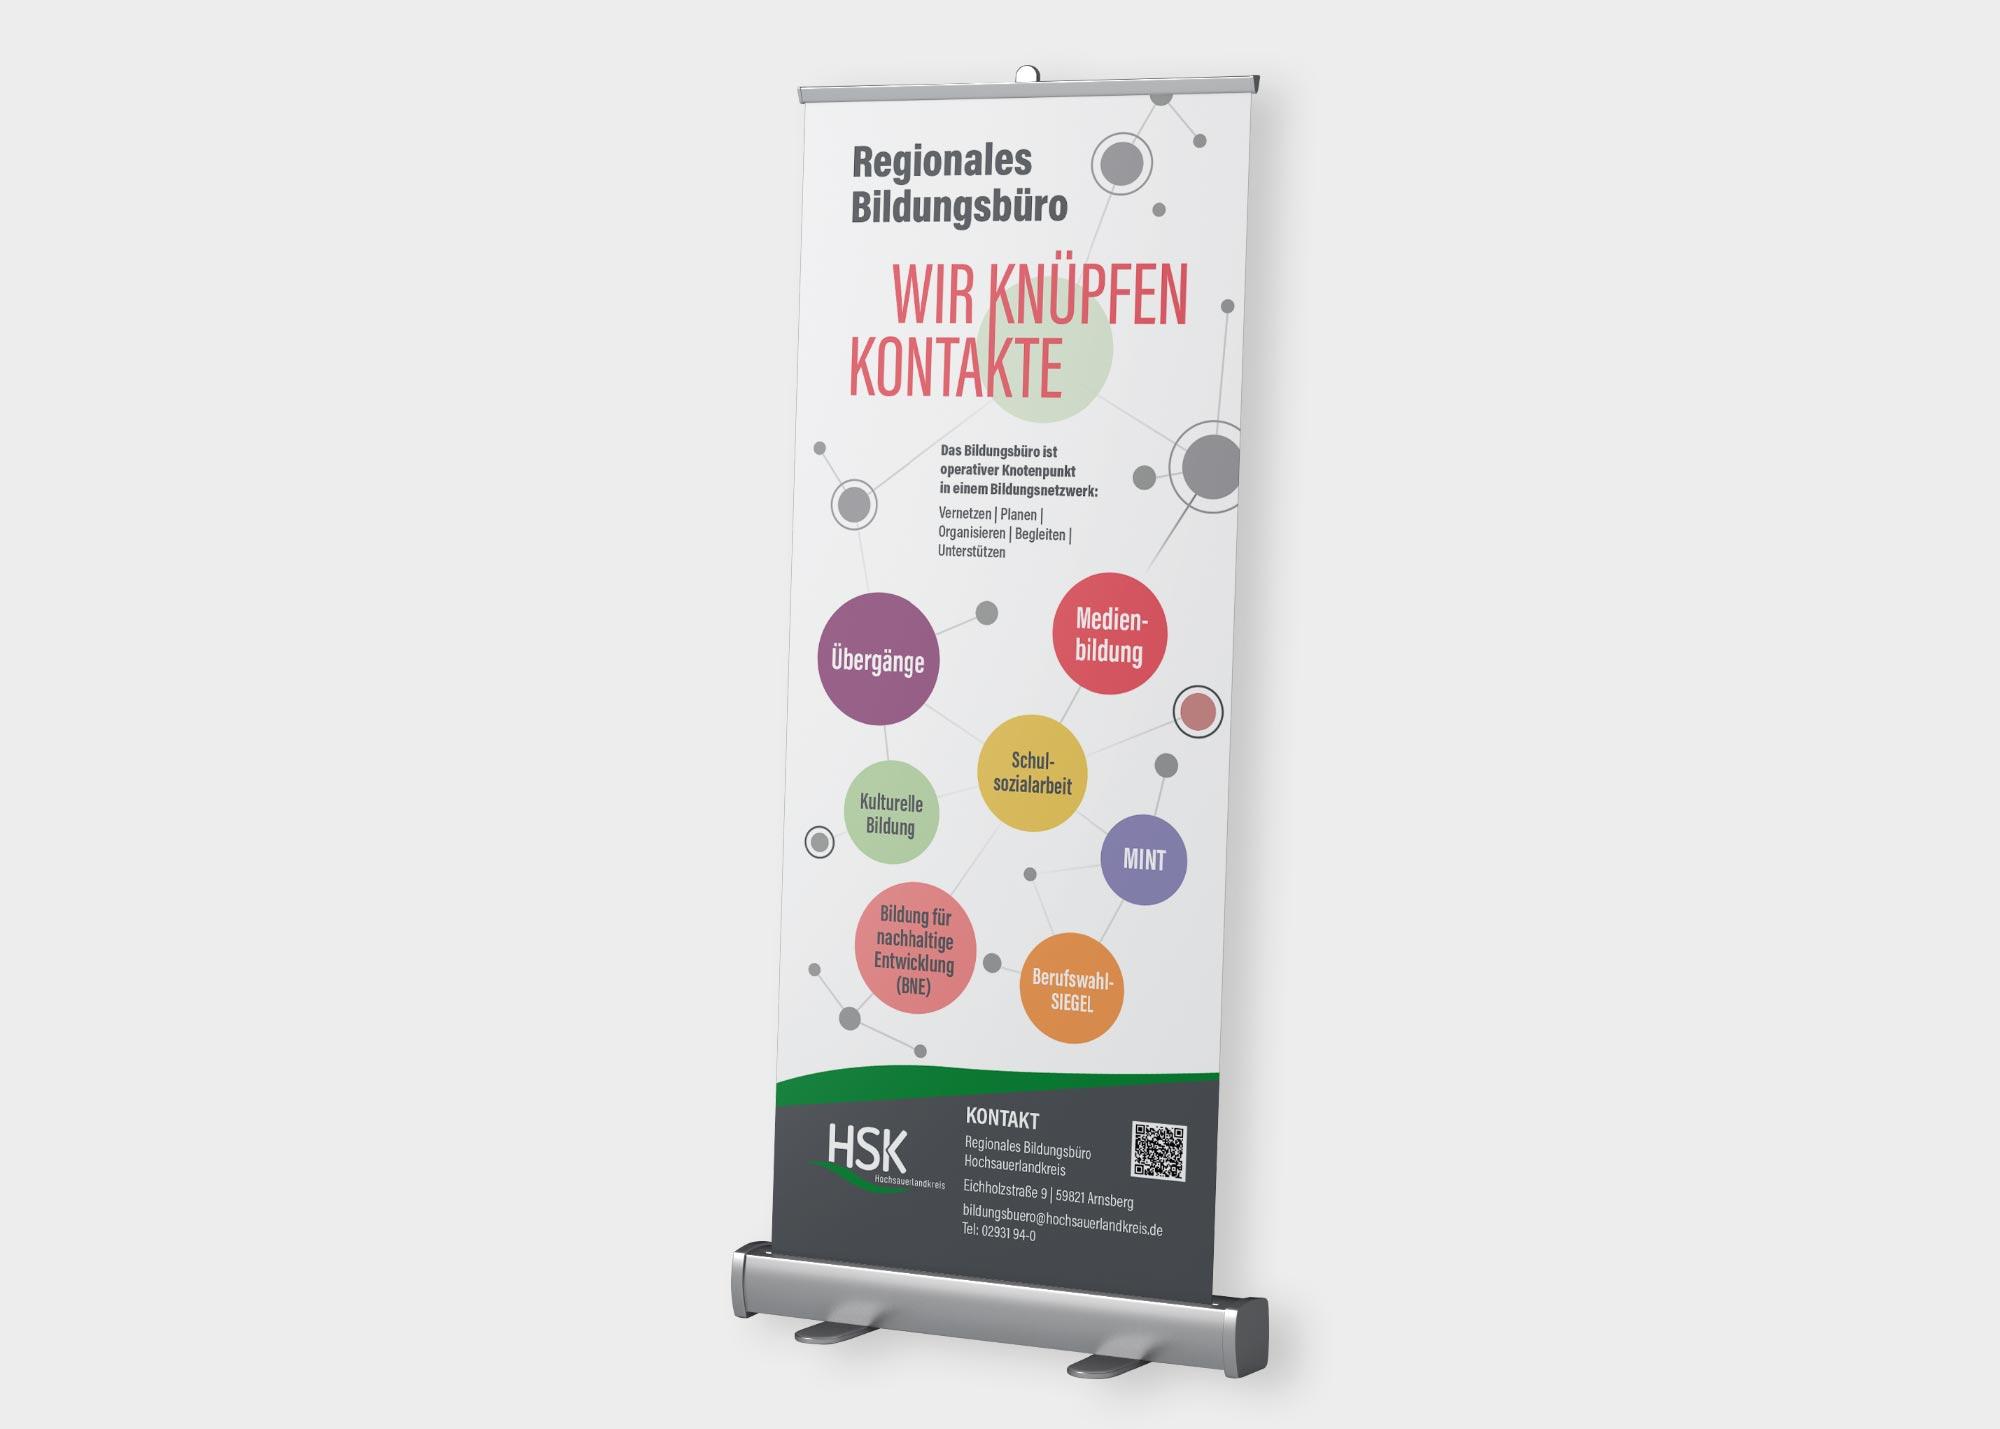 Roll-Up HSK Hochsauerlandkreis